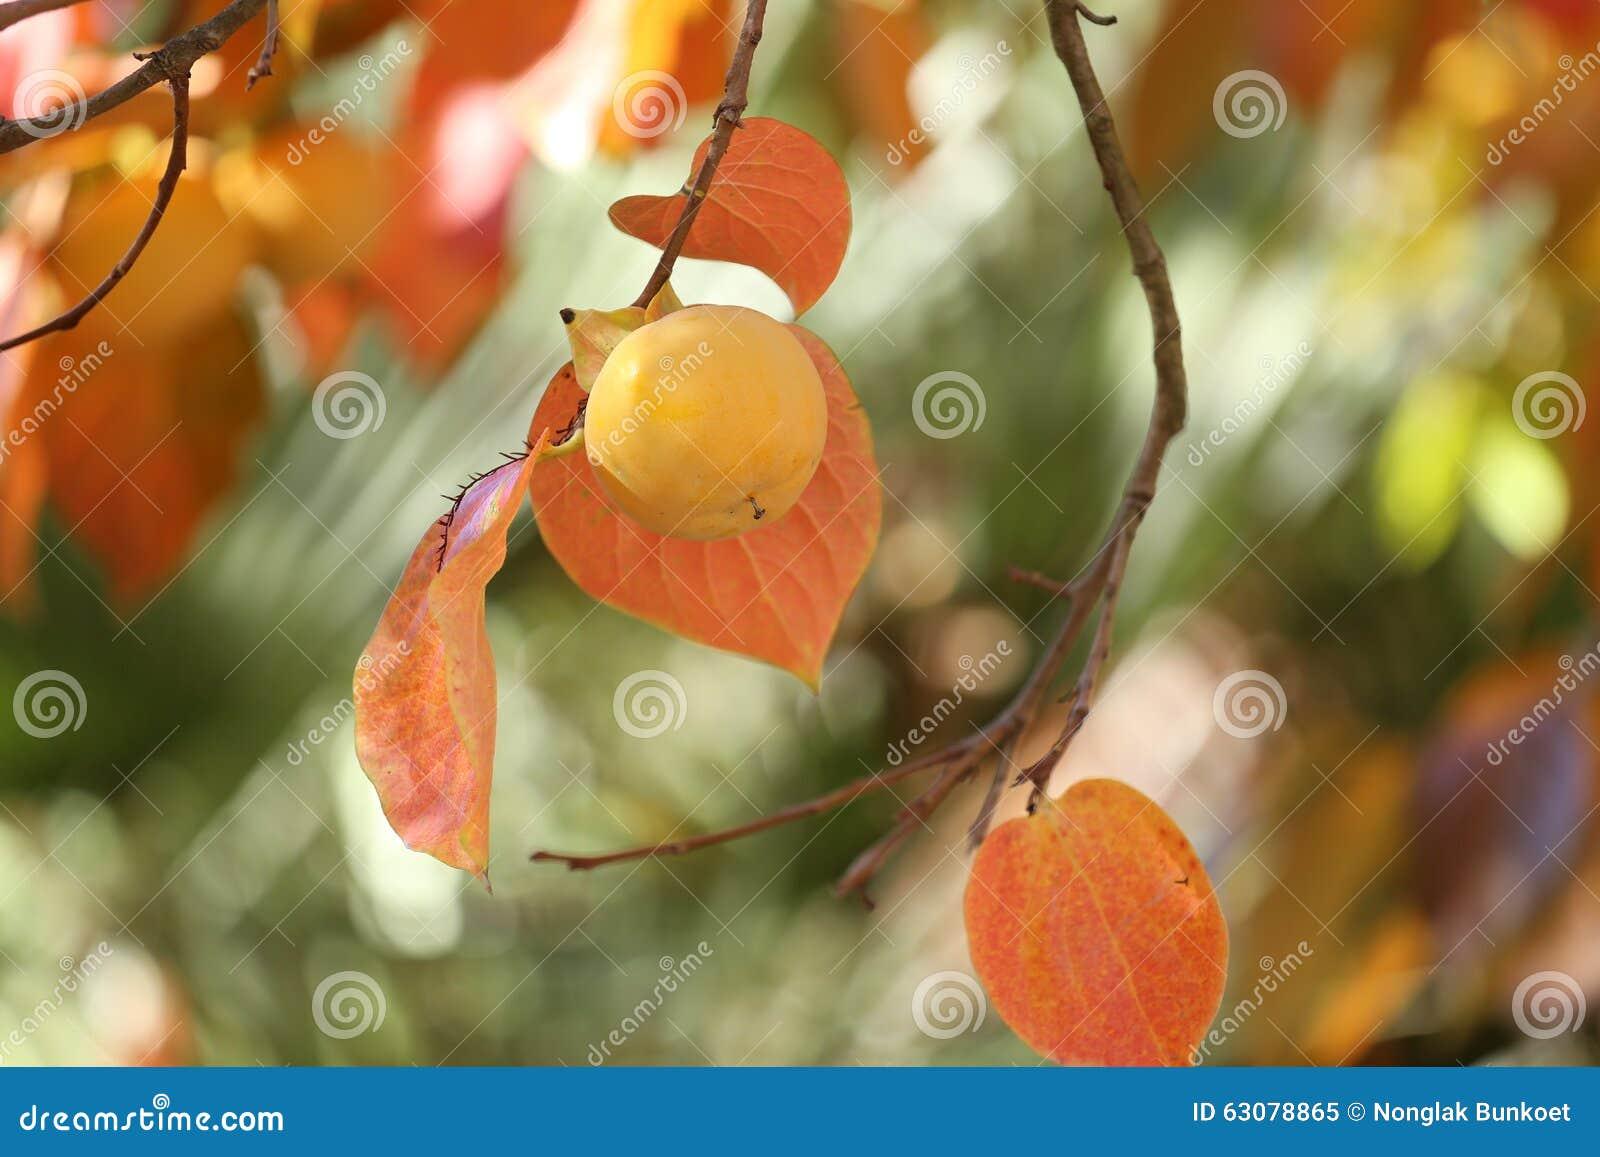 Download Kakis sur l'arbre image stock. Image du orange, organique - 63078865